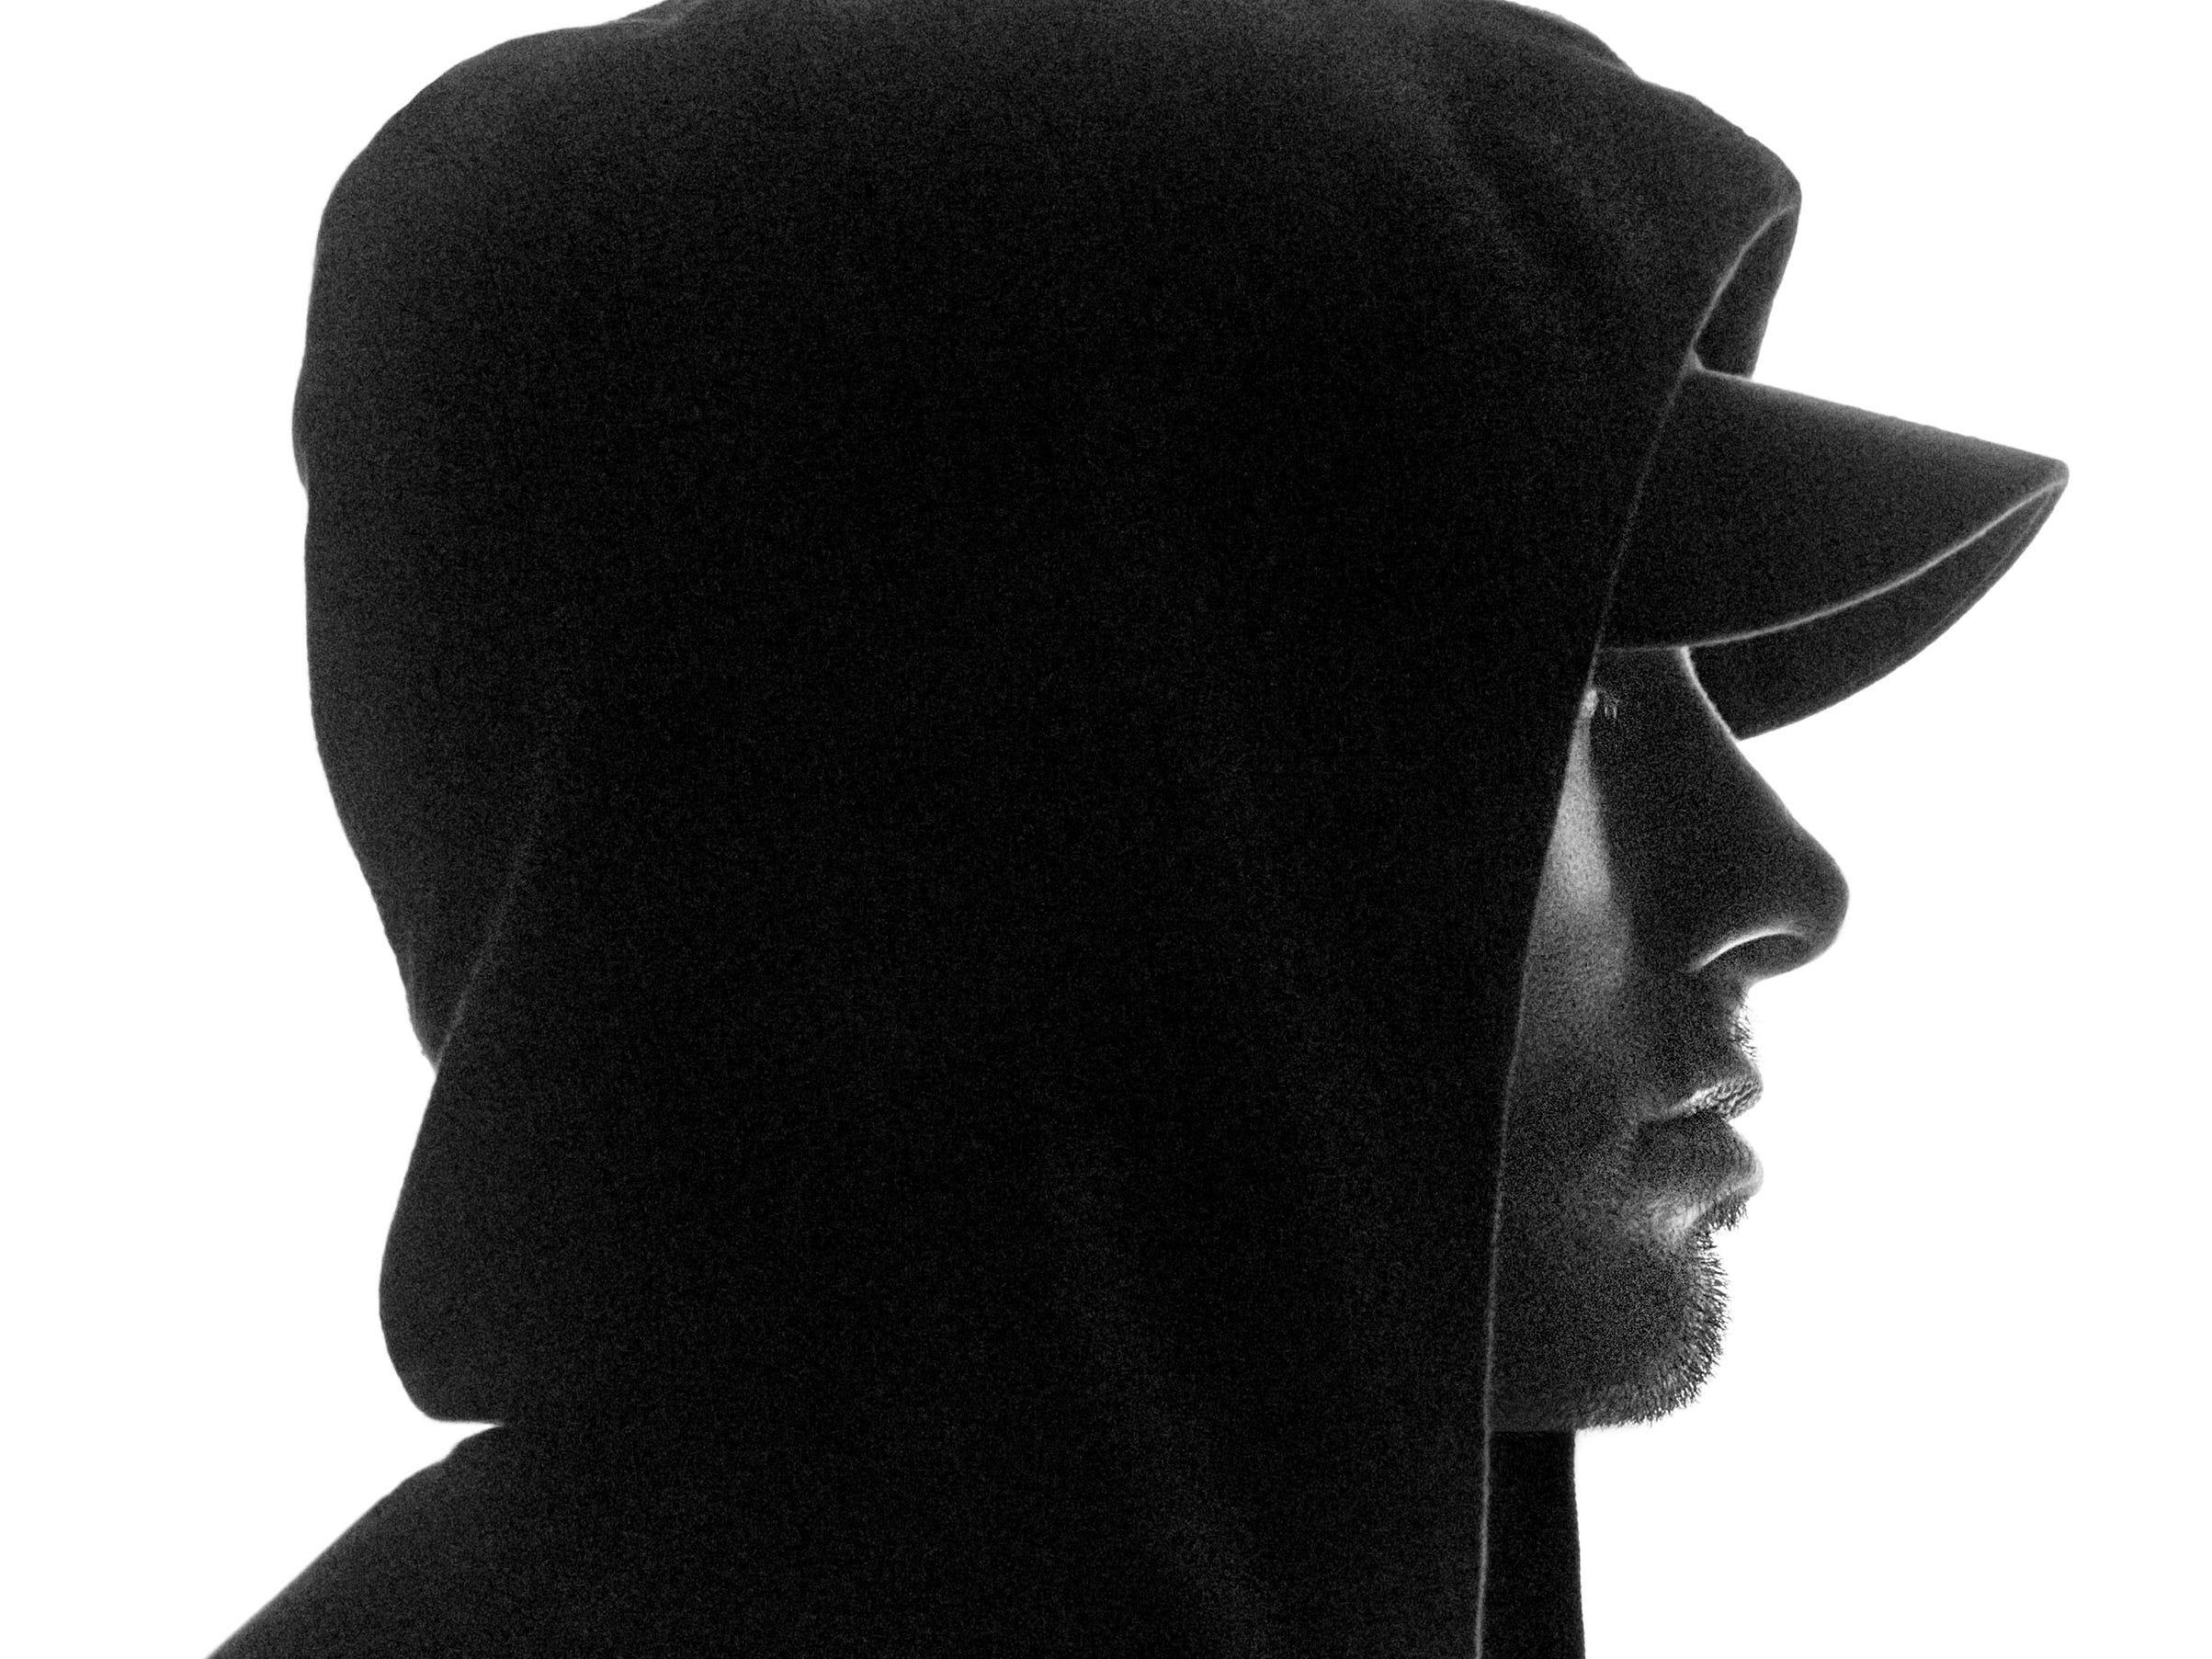 Eminem's 'Good Guy' video filmed in Grosse Pointe home